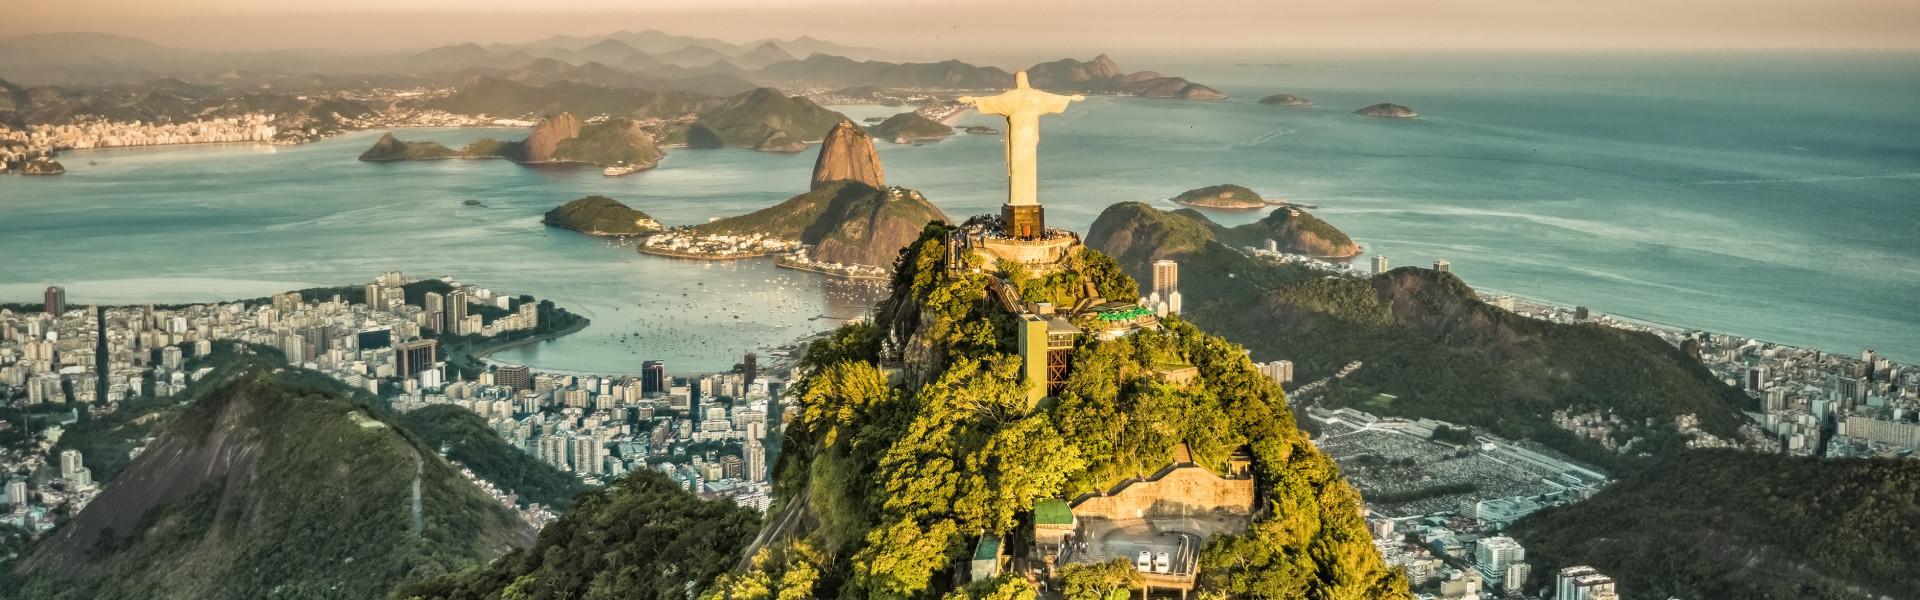 Destination image of Brésil